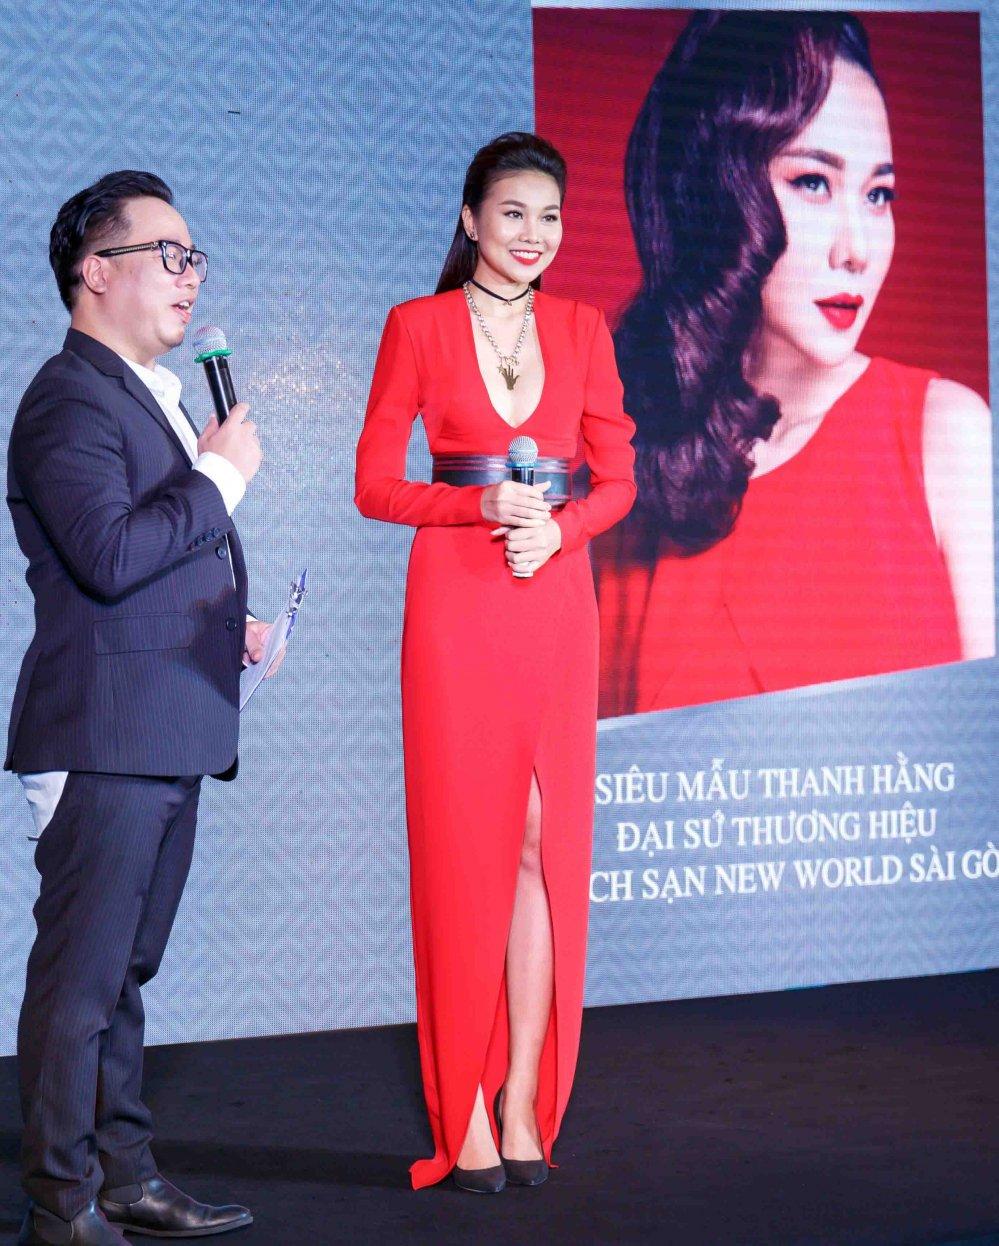 Vua roi nha chung Top Model, Lai Thanh Huong tre nai do ve sexy voi Thanh Hang hinh anh 11